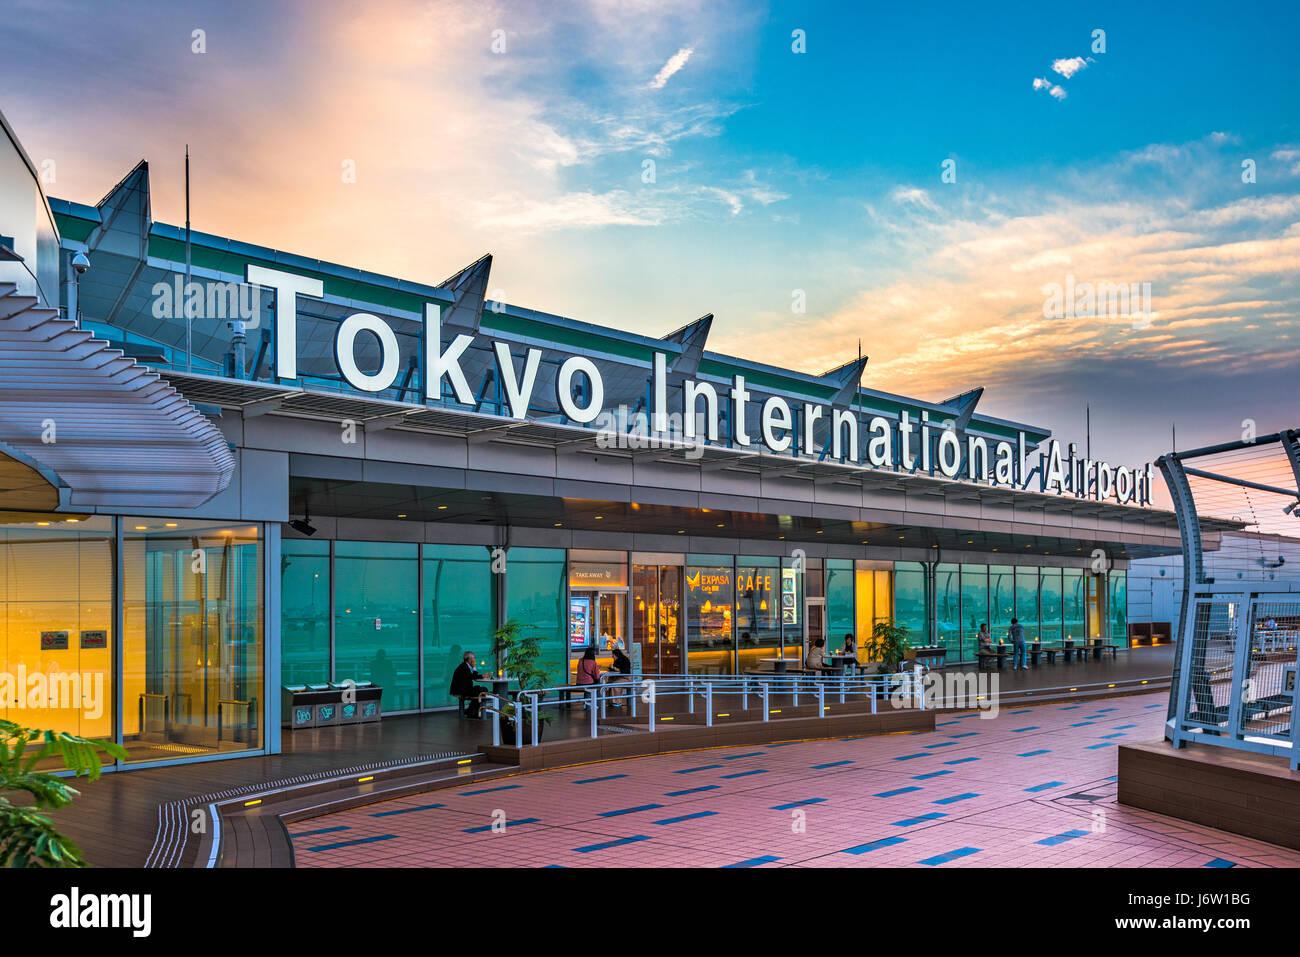 Tokio, Japón - May 11, 2017: El exterior del Aeropuerto Internacional de Tokio, mejor conocido como el aeropuerto Foto de stock